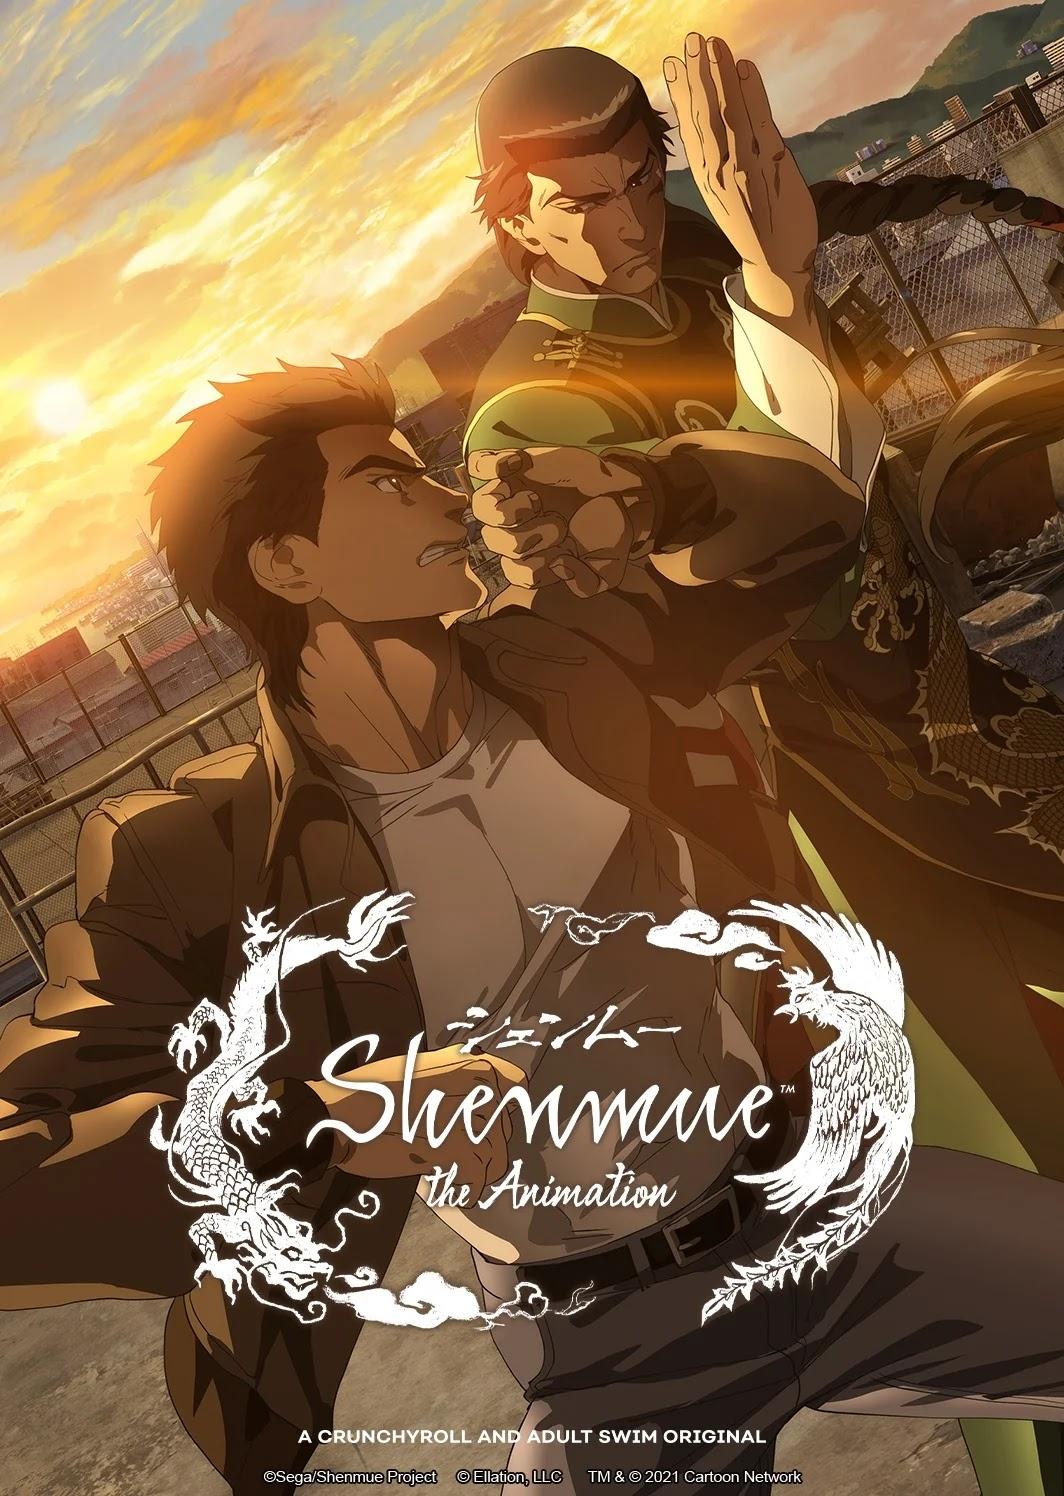 O Anime Shenmue The Animatio revelou seu Primeiro Vídeo Promocional